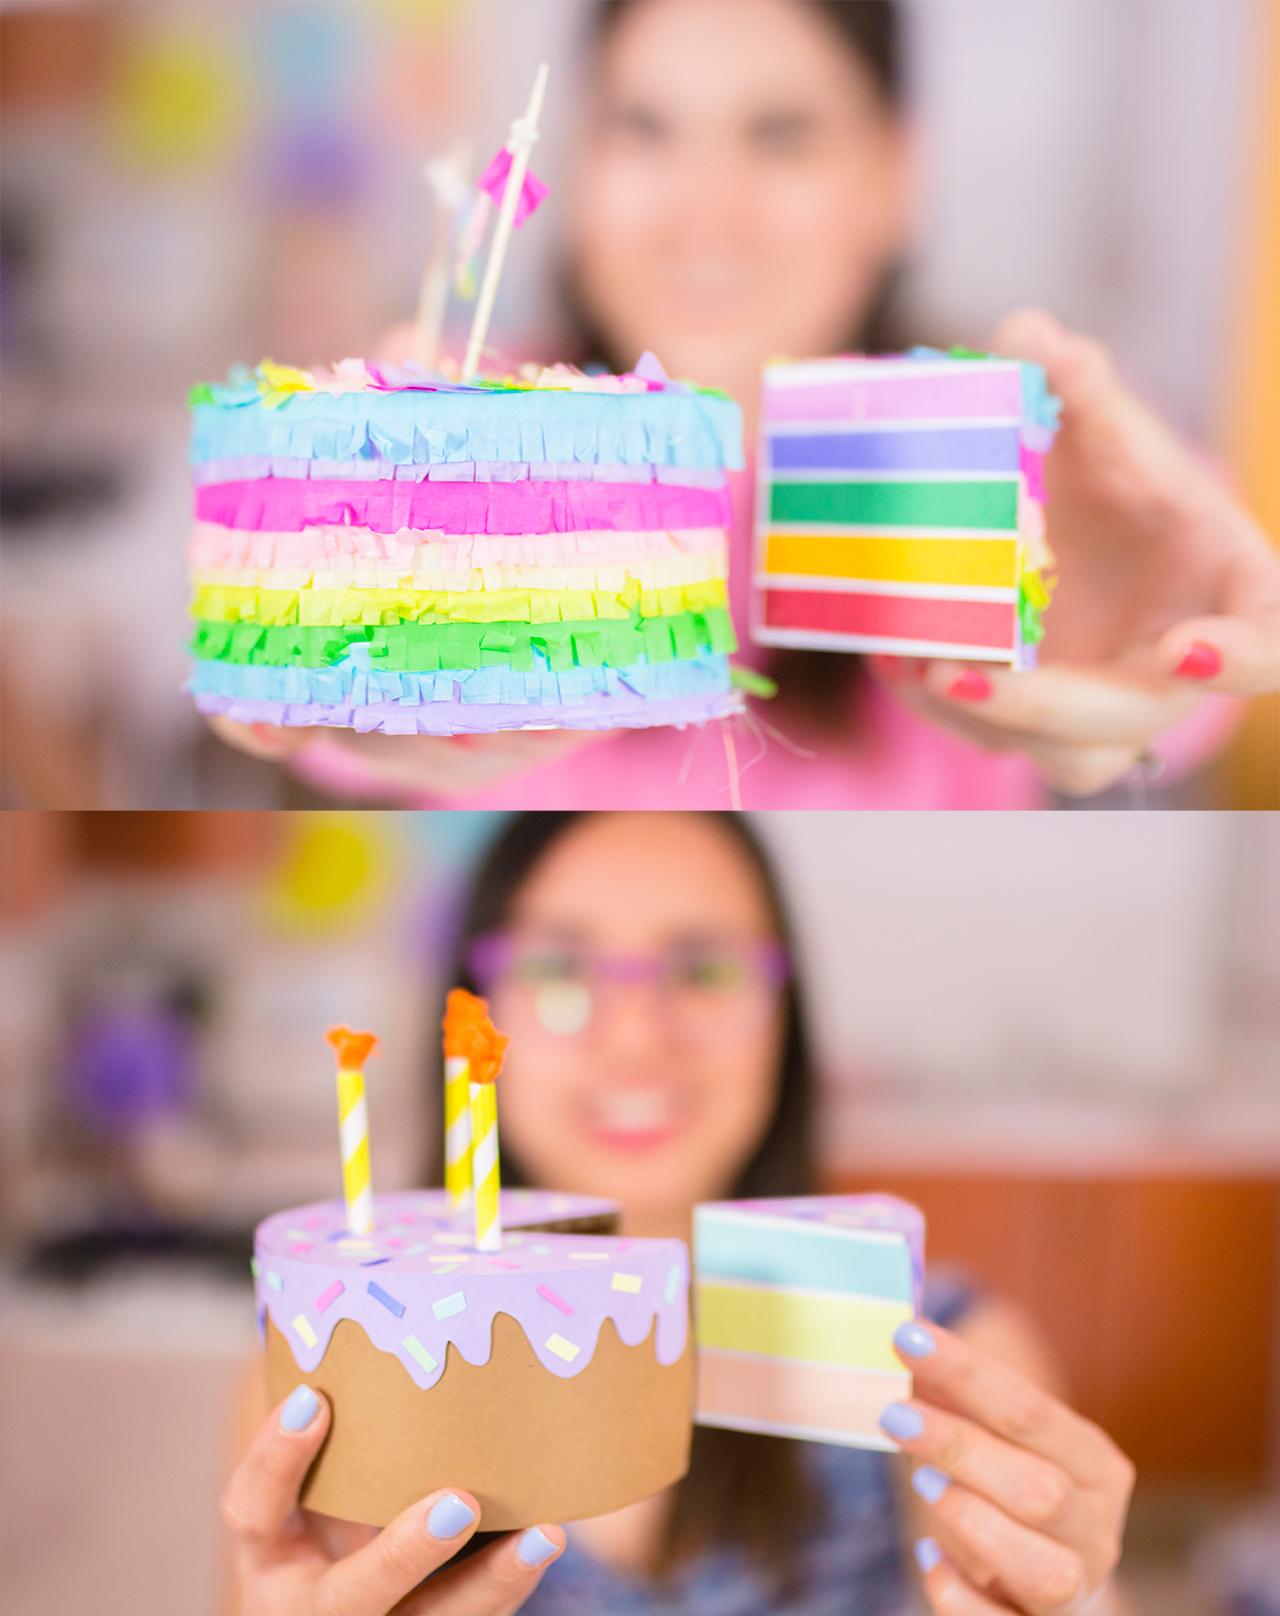 Pastel sorpresa haz el regalo de cumplea os m s lindo - Regalos para el cumple de tu madre ...